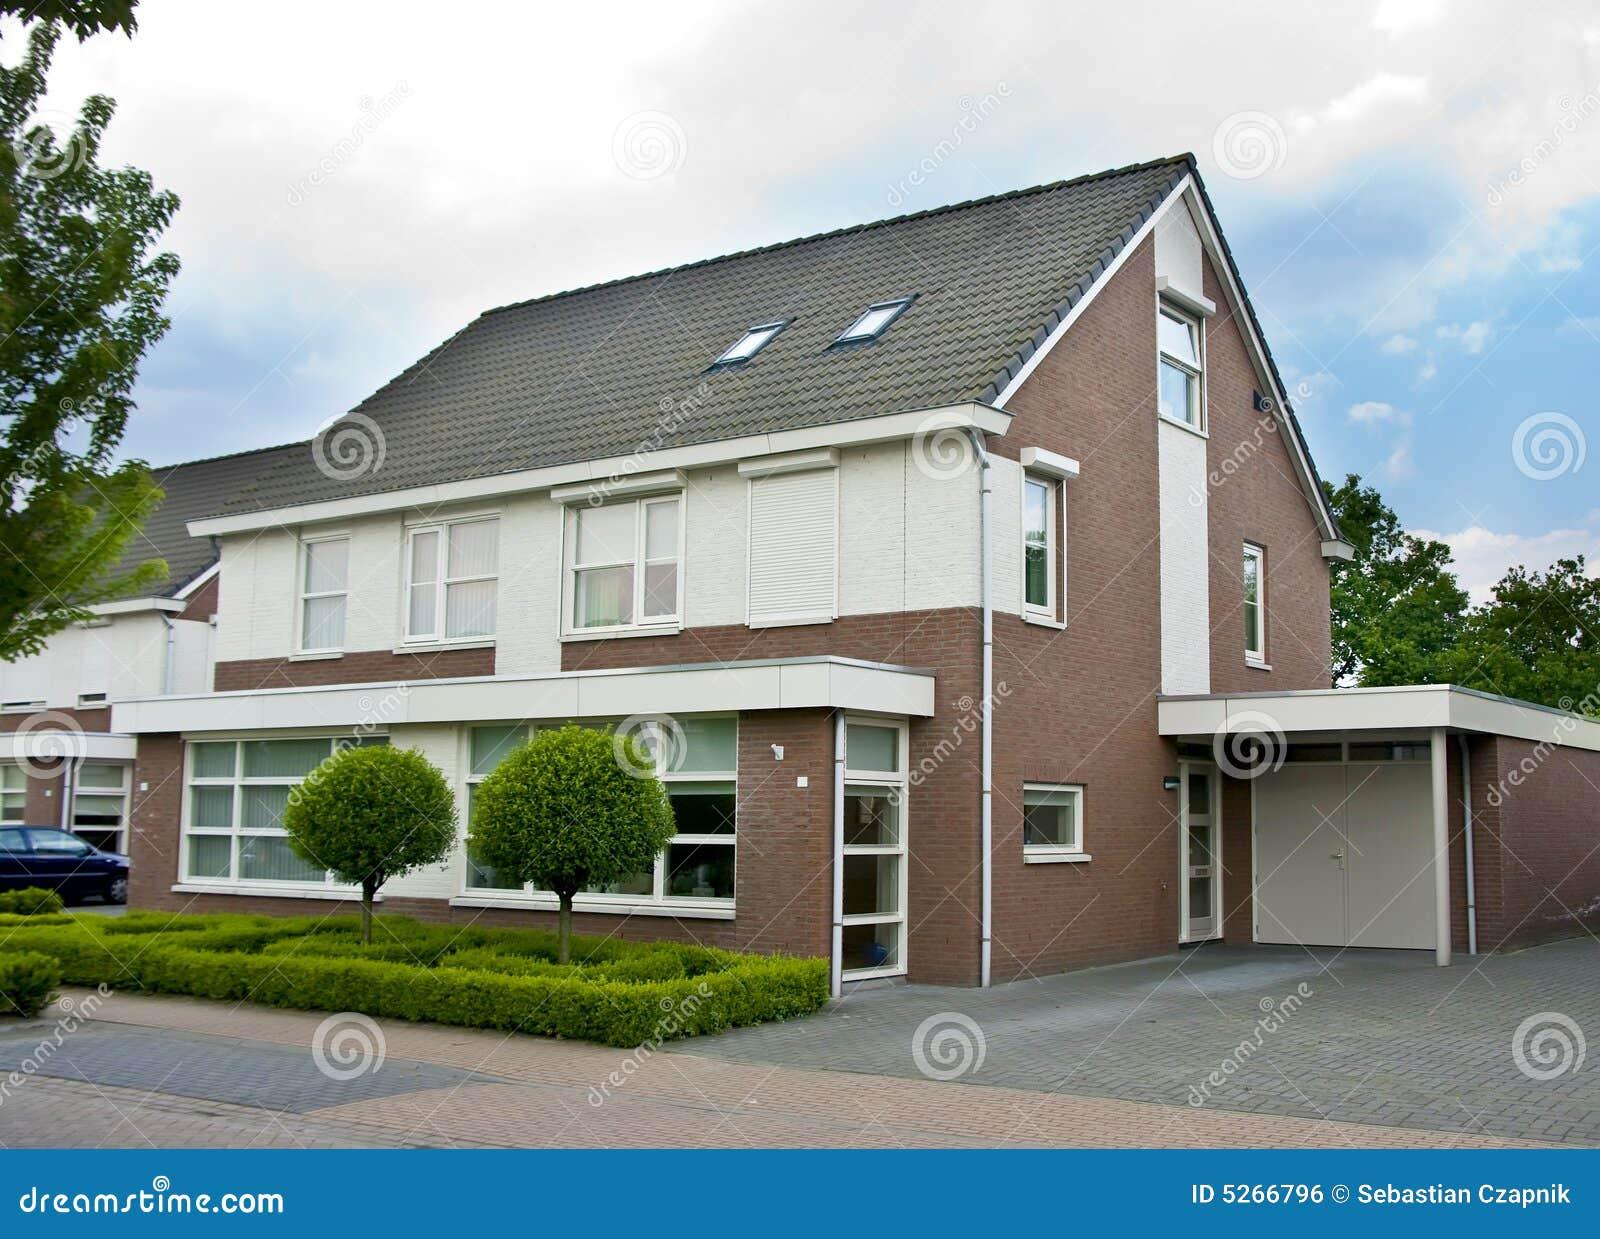 Nederlands Huis In De Voorsteden Royalty vrije Stock Afbeelding   Beeld  5266796